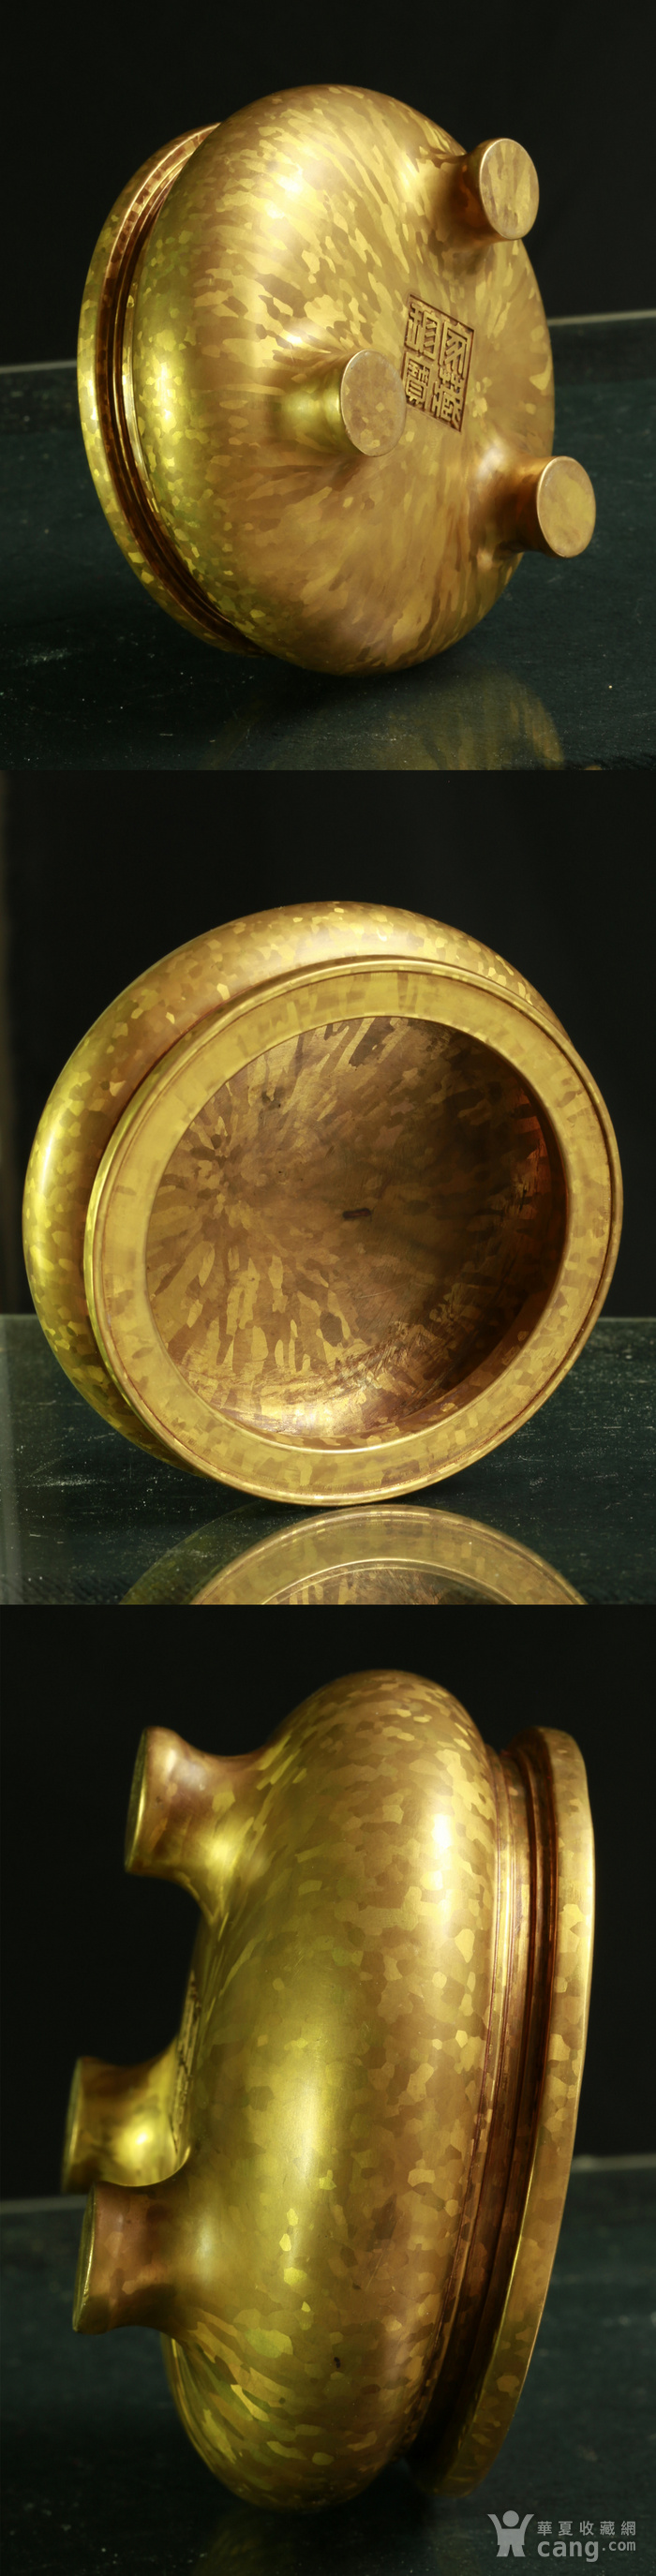 斑金铜三足 鬲式香炉图10